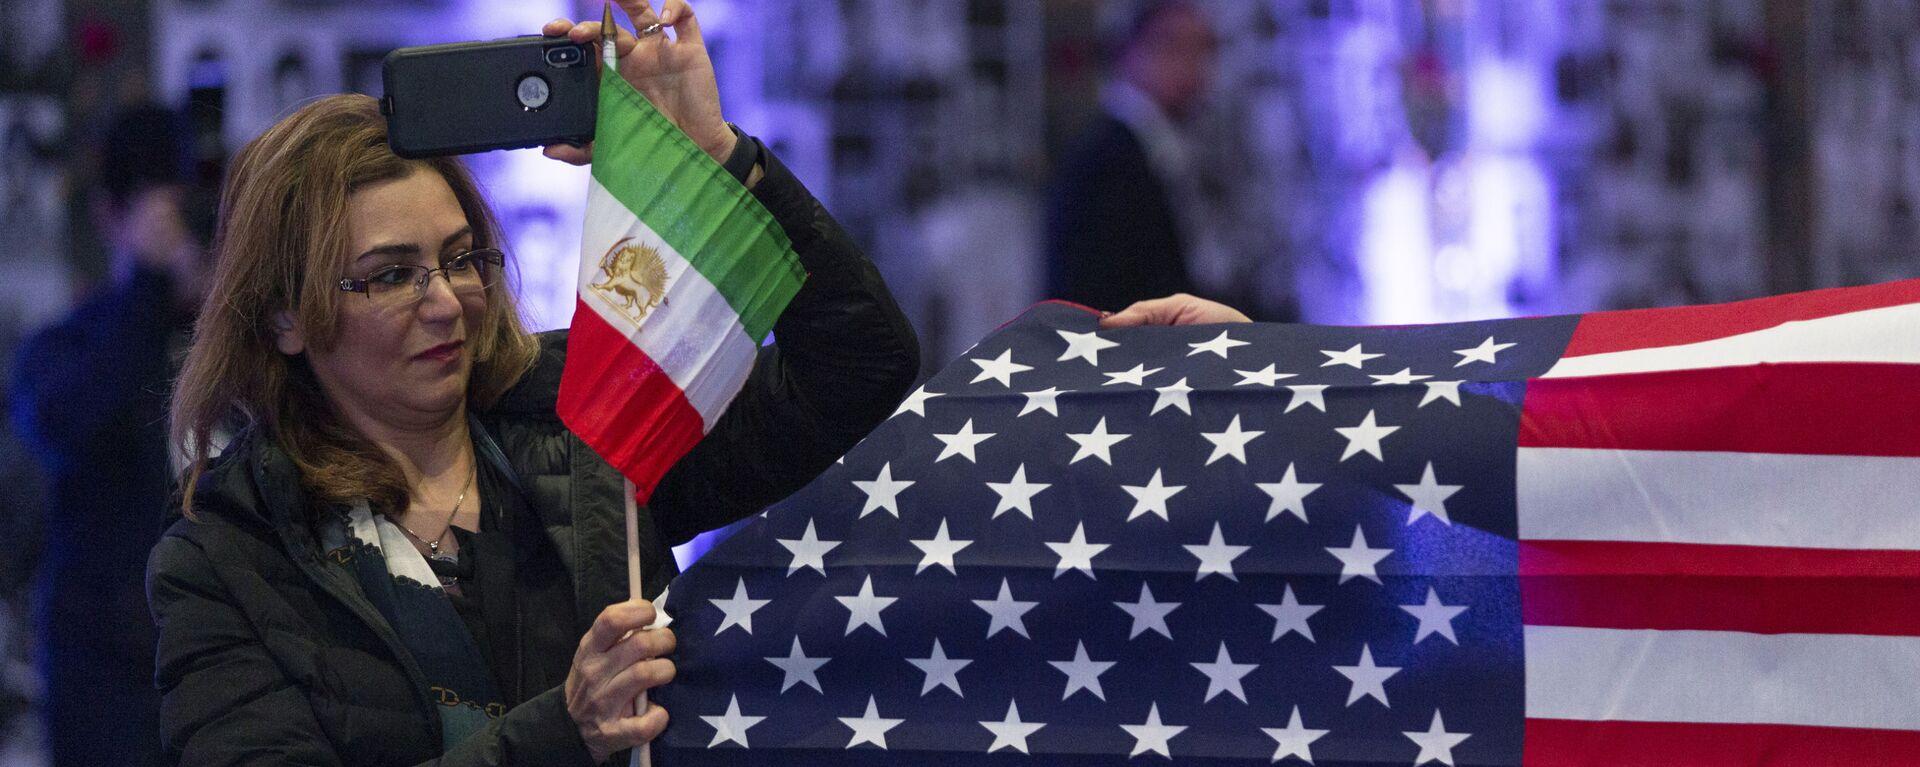 Banderas de EEUU e Irán - Sputnik Mundo, 1920, 05.08.2021